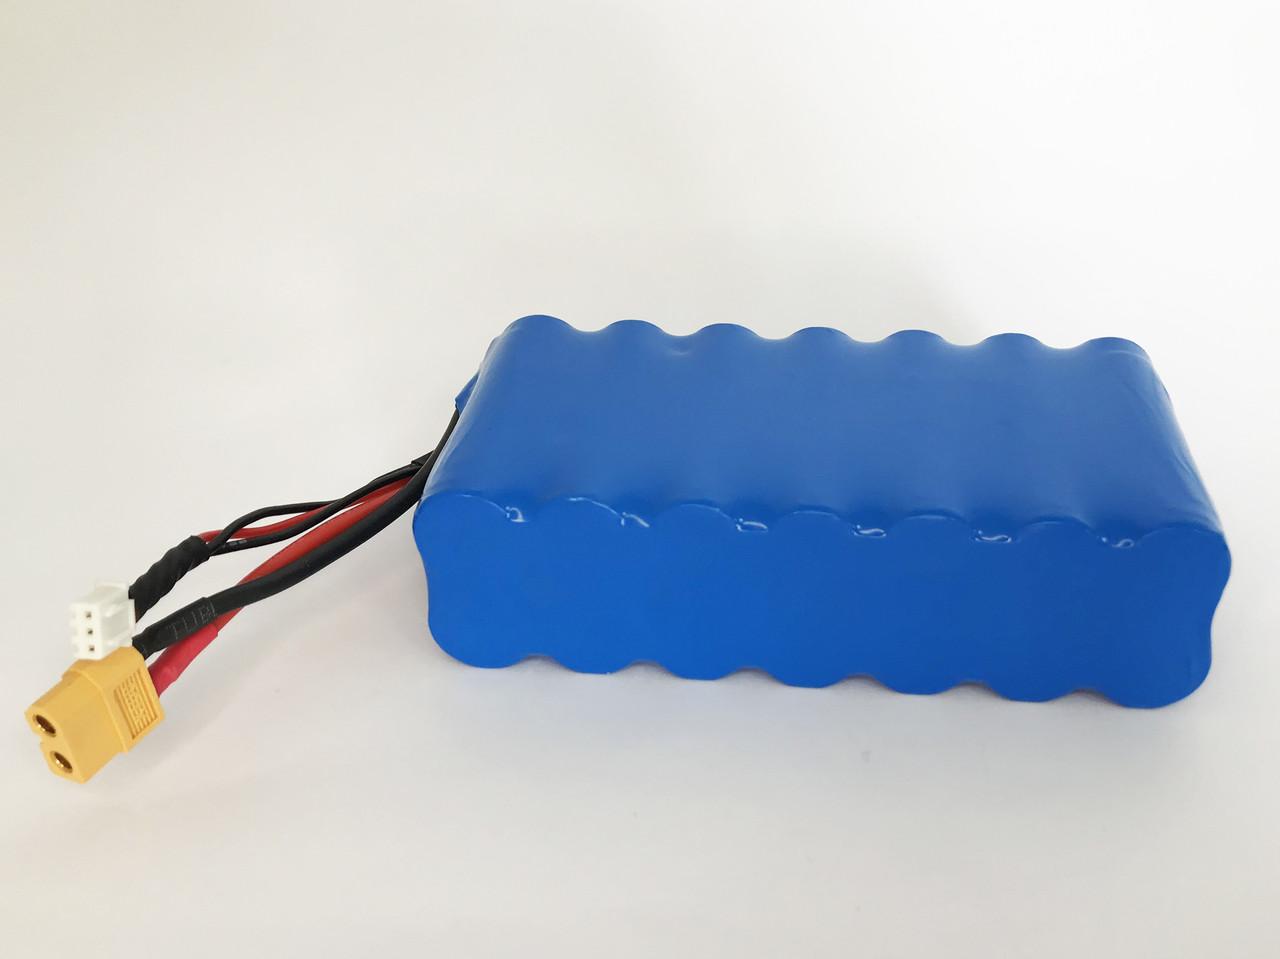 Високотоковий акумулятор для коропового кораблика Фурія 8.4 В, 2S, 21000 mAh